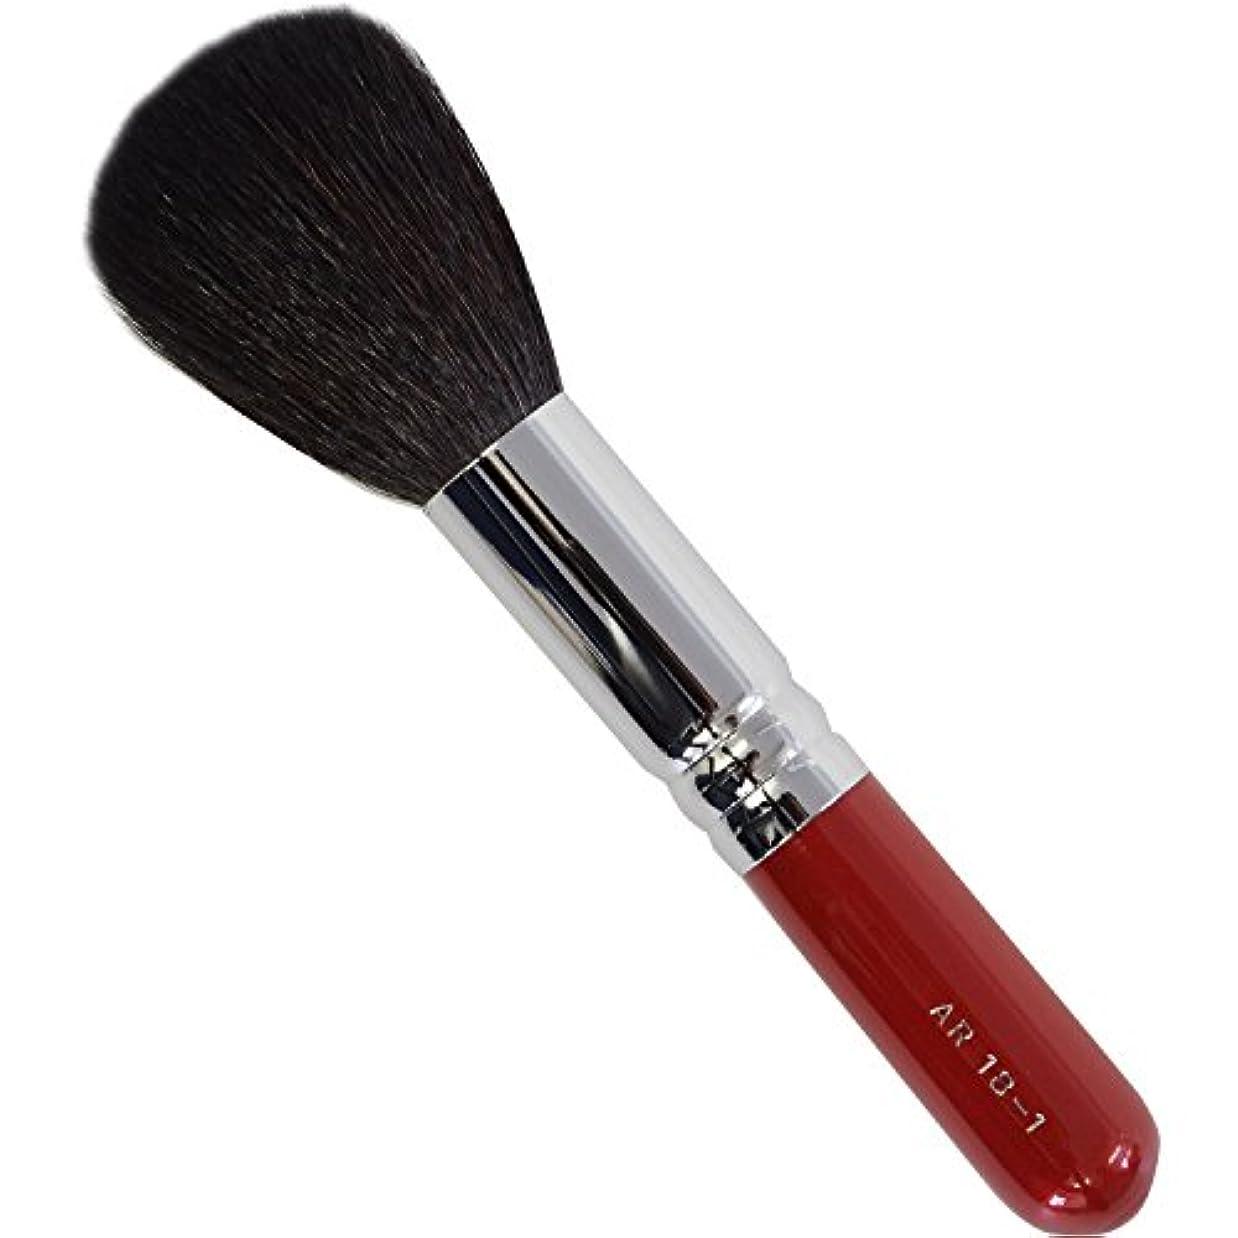 節約する雄弁蒸気ARRS18-1 熊野筆 六角館さくら堂 パウダーブラシ 山羊毛100% 赤軸 プロ仕様